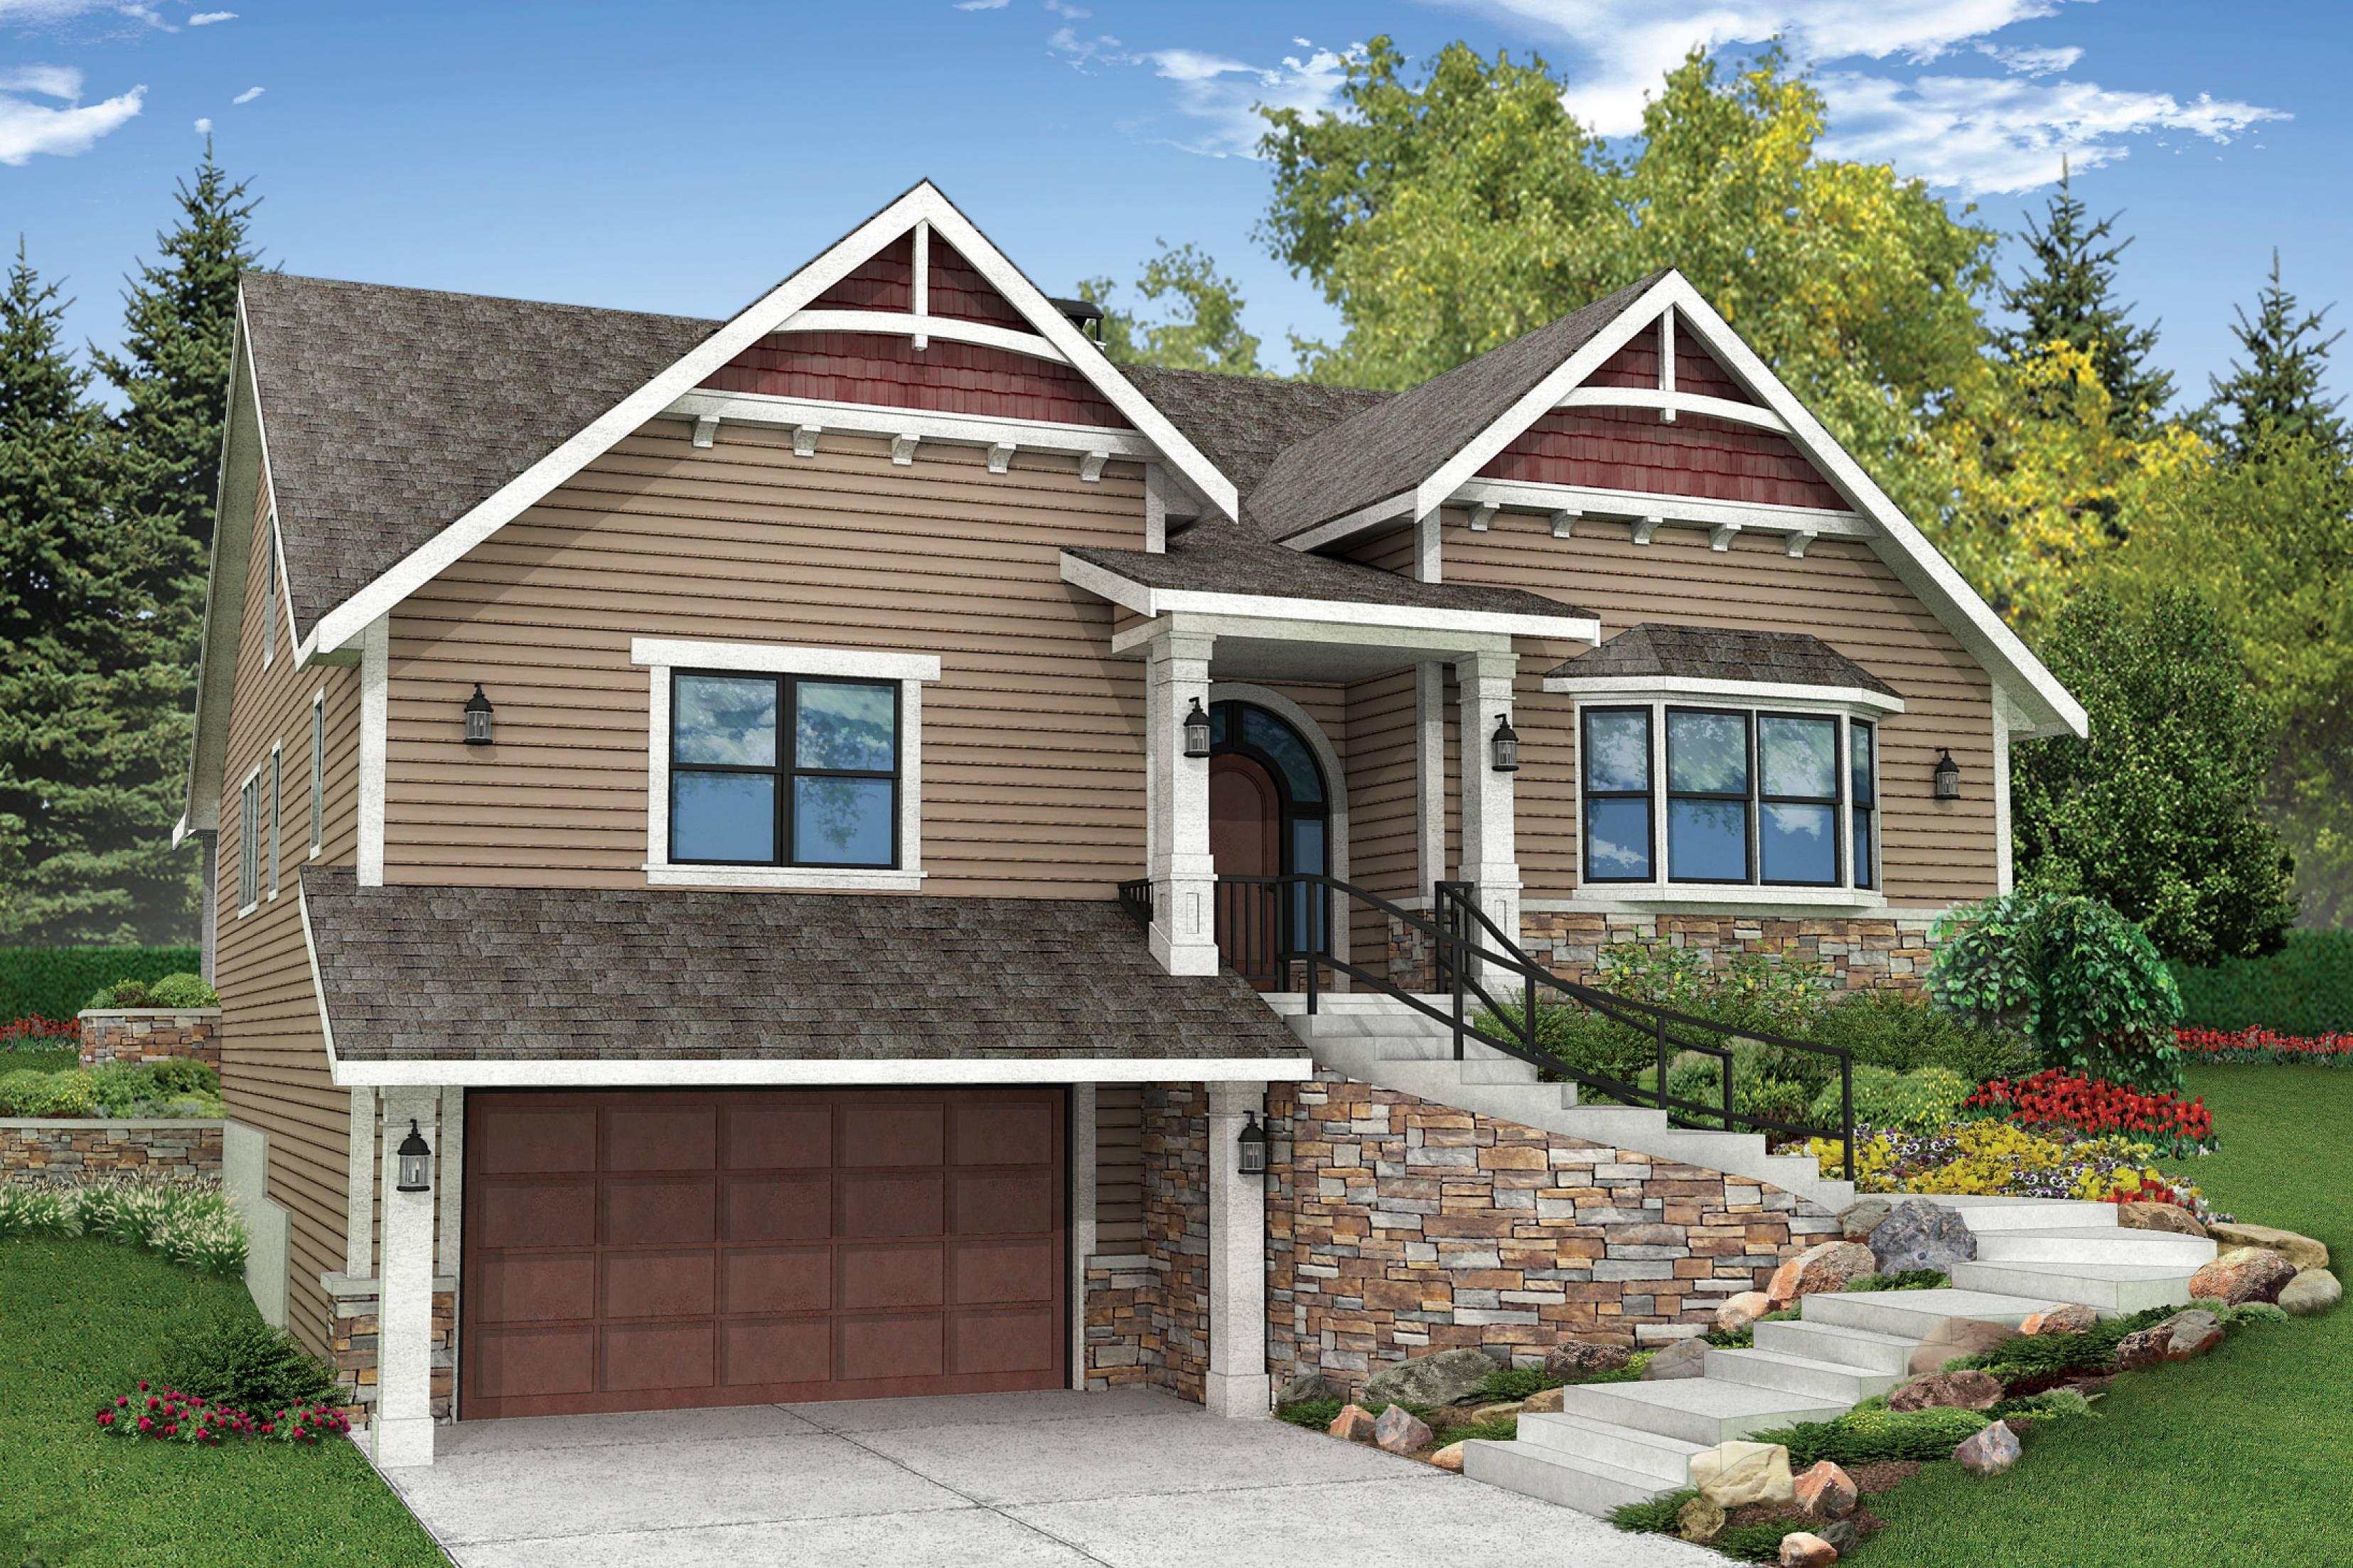 ^ Modern house plans small land zionstar.net.com - Find the best ...